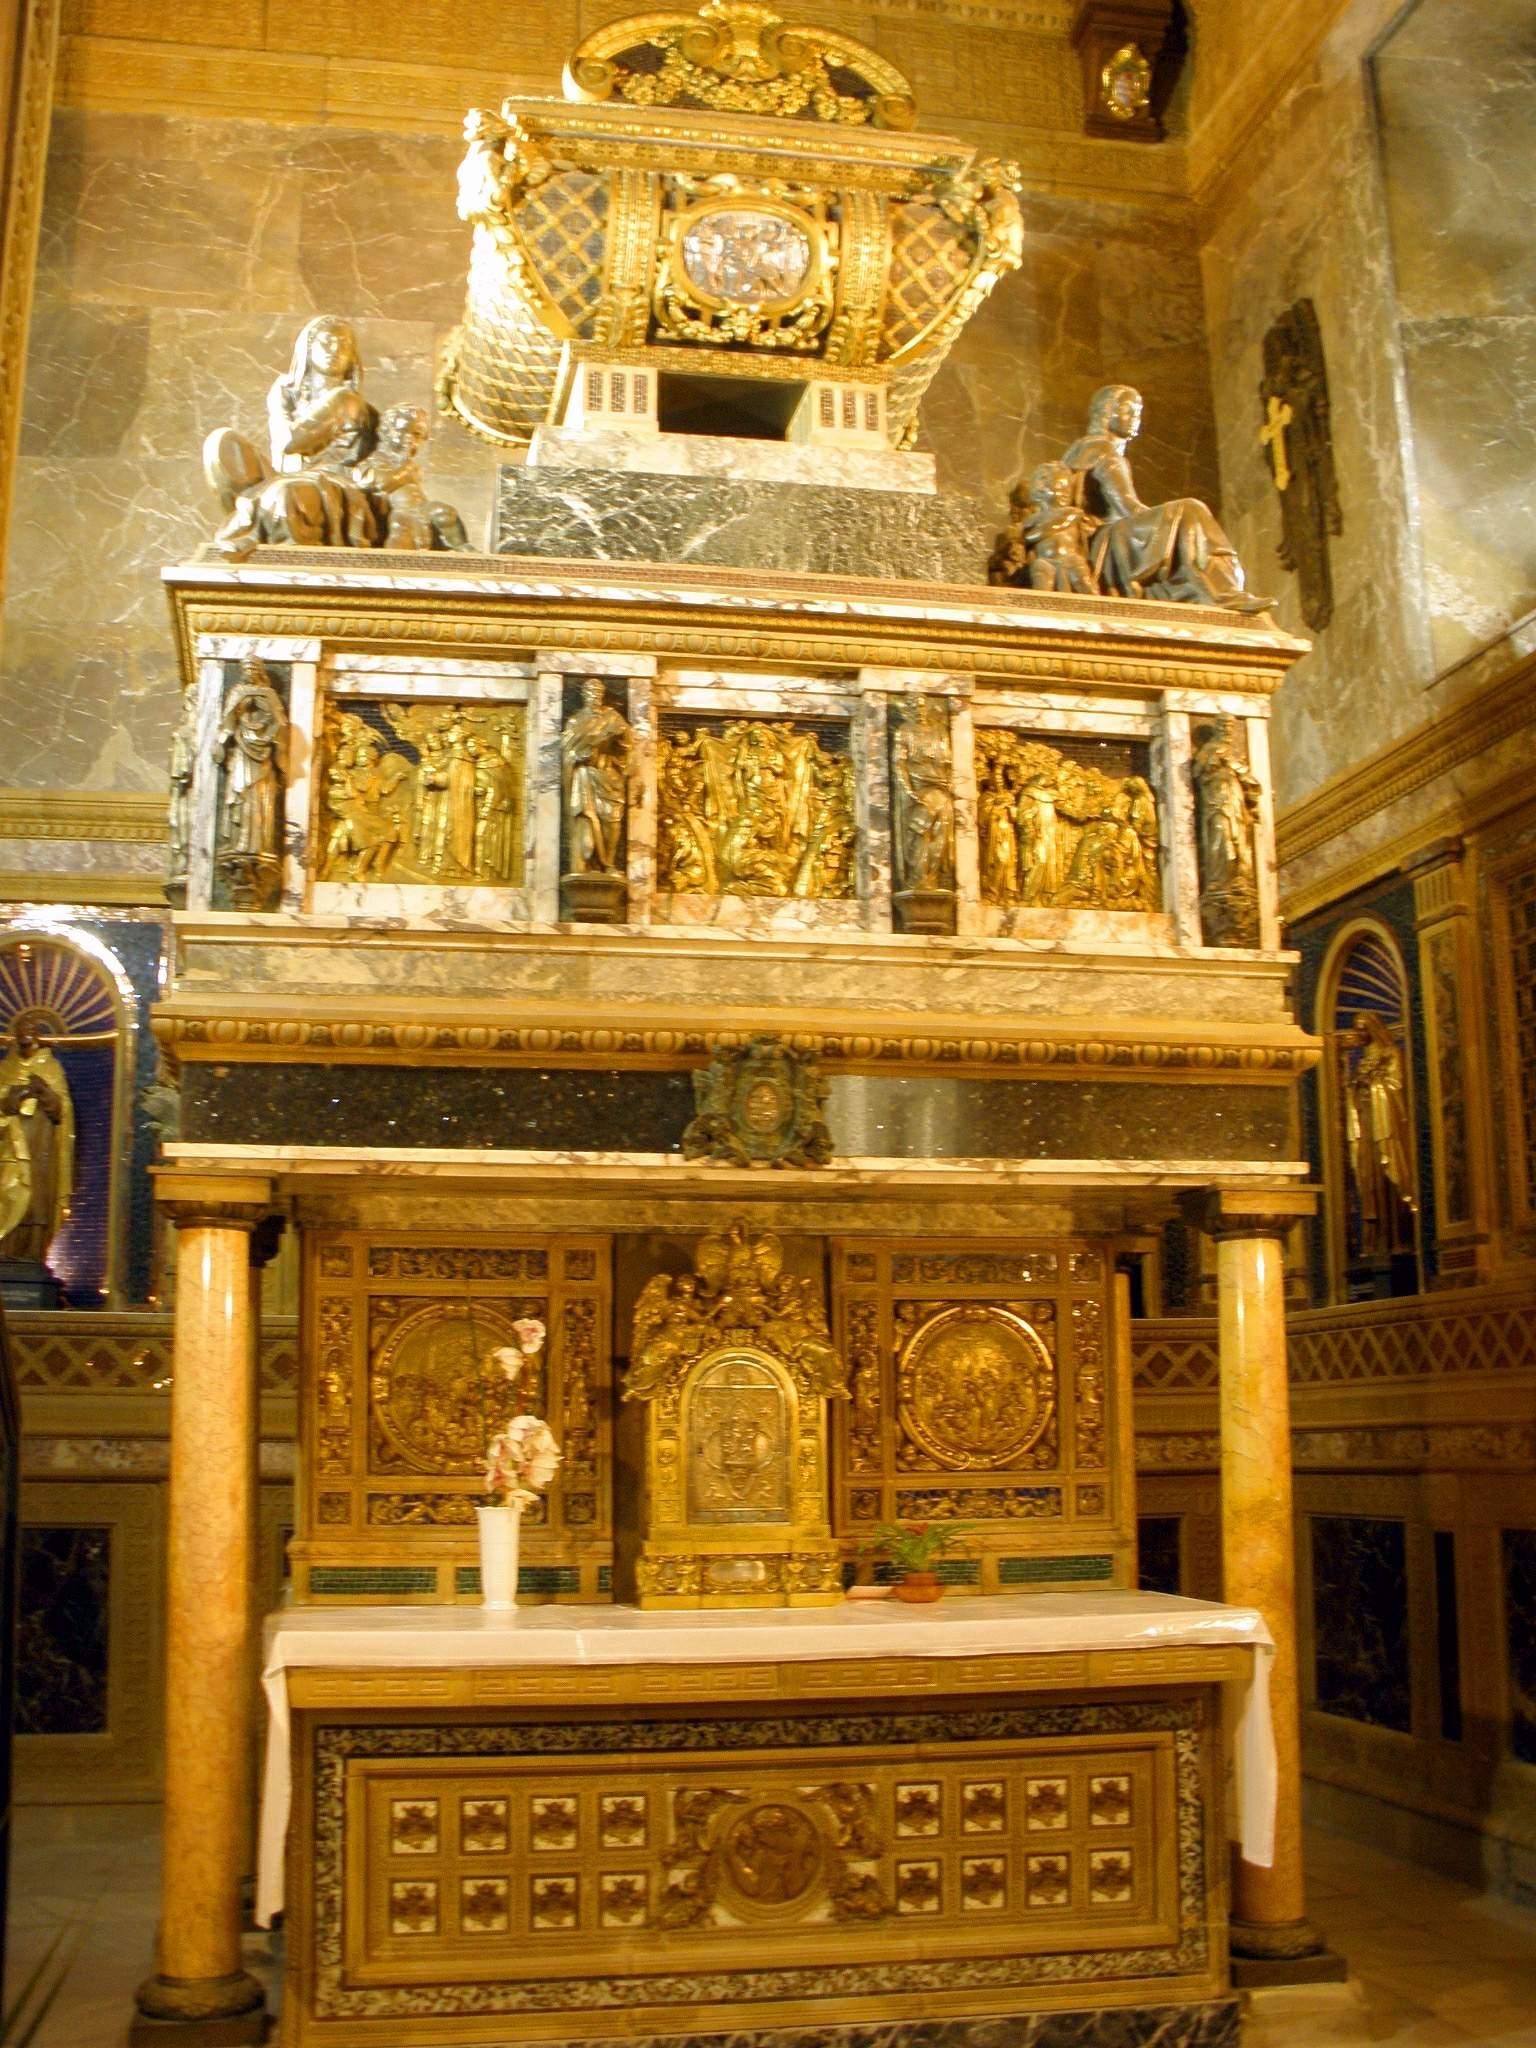 Sepulcro de San Juan de la Cruz en el Convento de los Carmelitas Descalzos de Segovia.